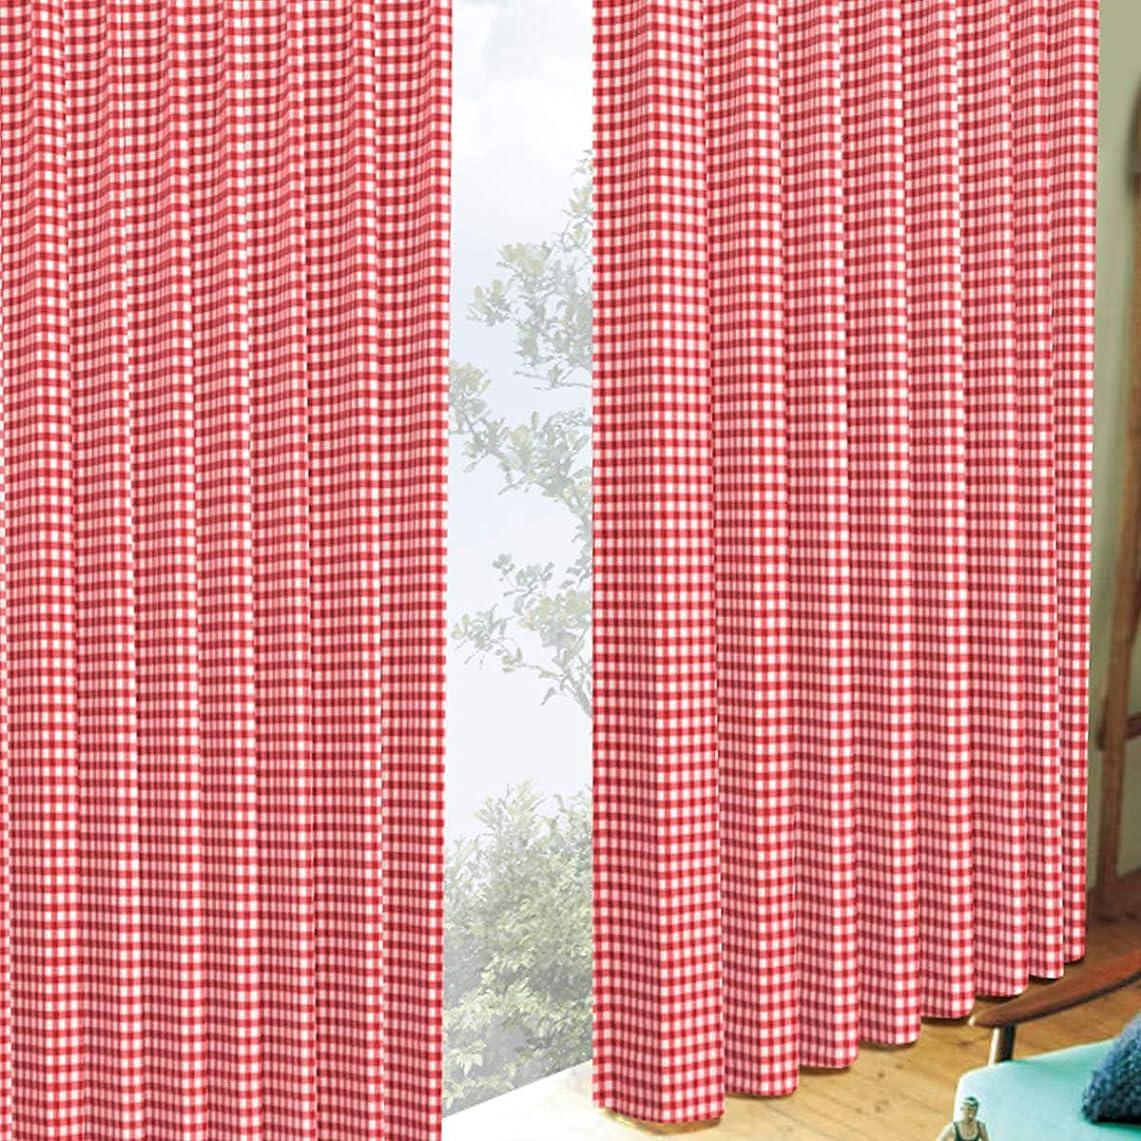 予防接種グラス超えて[カーテンくれない]ギンガムチェック遮光カーテン【節電 断熱対策】キュートなチェック柄遮光 ドレープ カーテン 形態安定加工 オーダー サイズ:幅200×丈205cm×2枚 色:レッド/Aフック